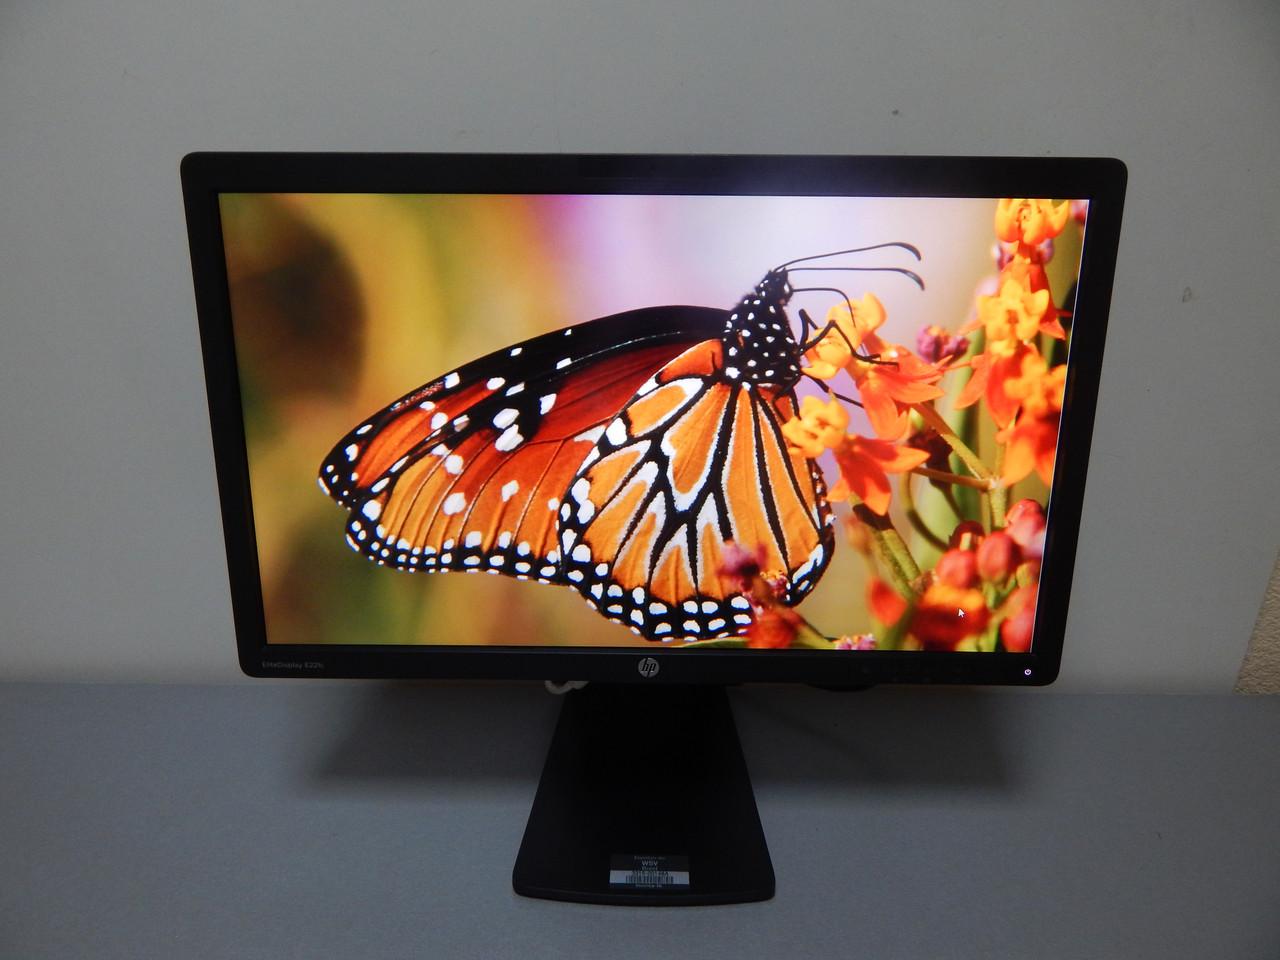 МОНИТОР б/у HP E221c  21,5″ дюйма FULL HD/ IPS /WLED, DVI, VGA, DisplayPort, 2.0 USB HUB / 16:9